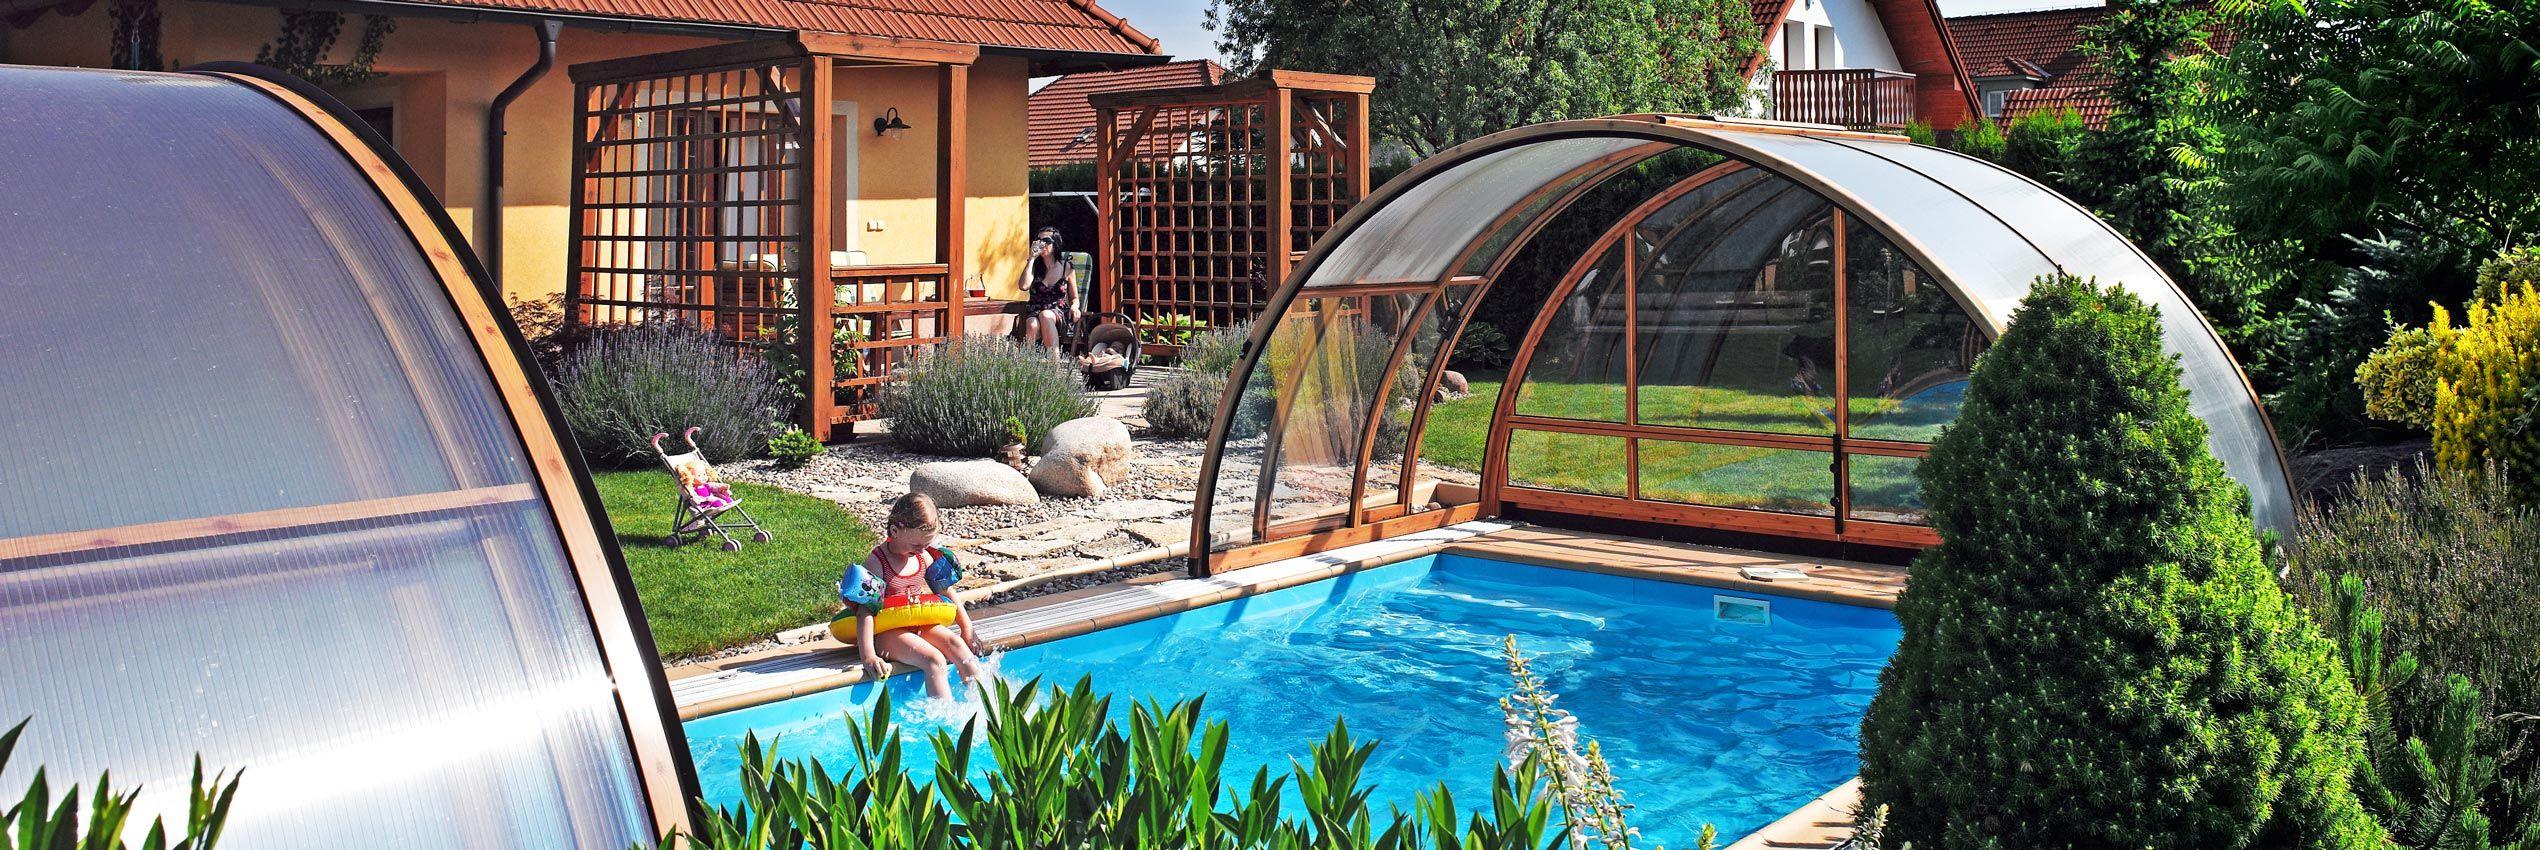 Medium-High Pool retractable Enclosures from Alukov